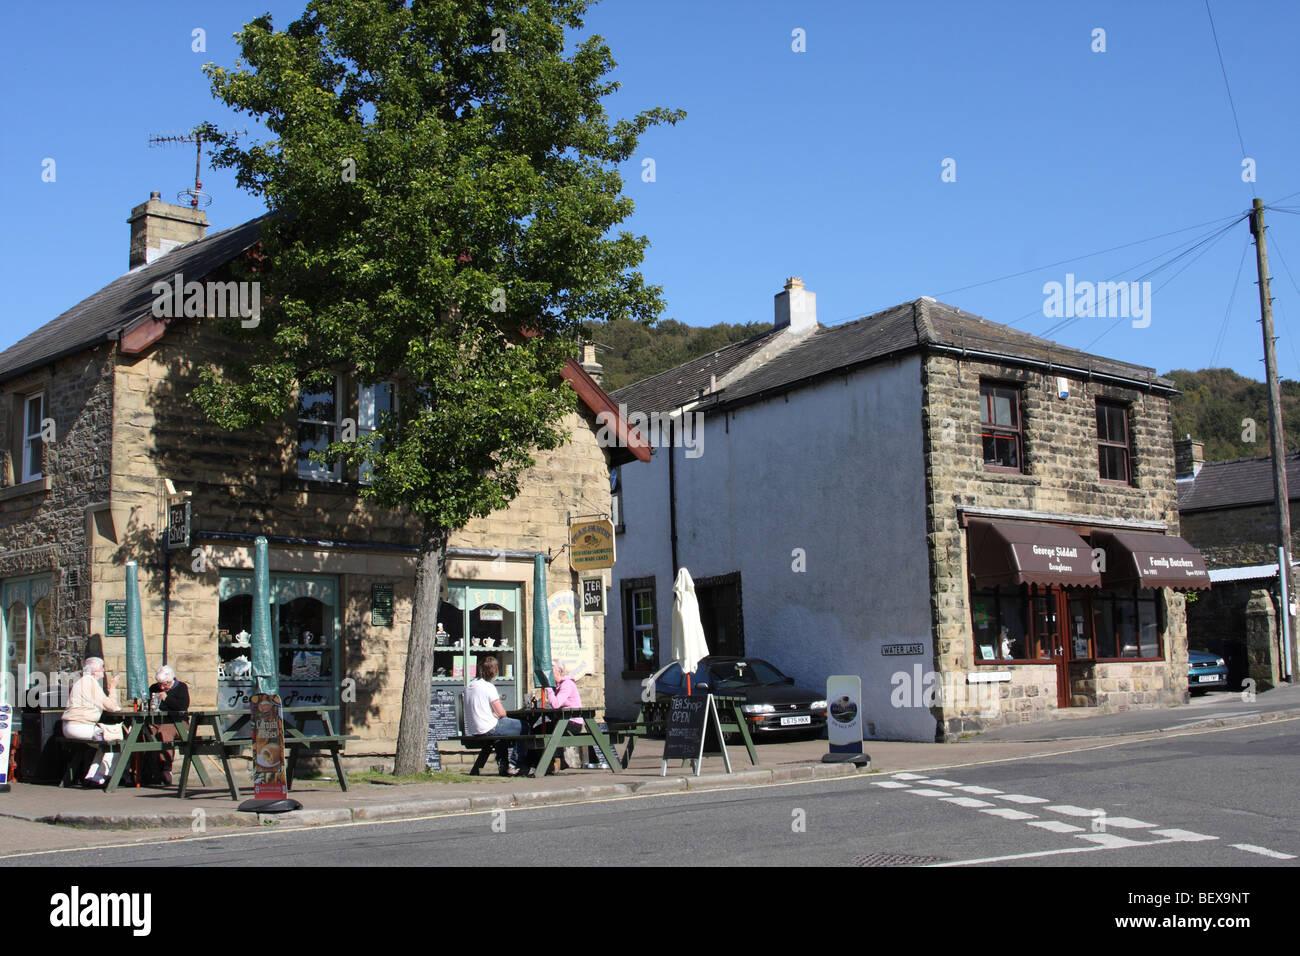 The village of Eyam, Derbyshire, England, U.K. - Stock Image